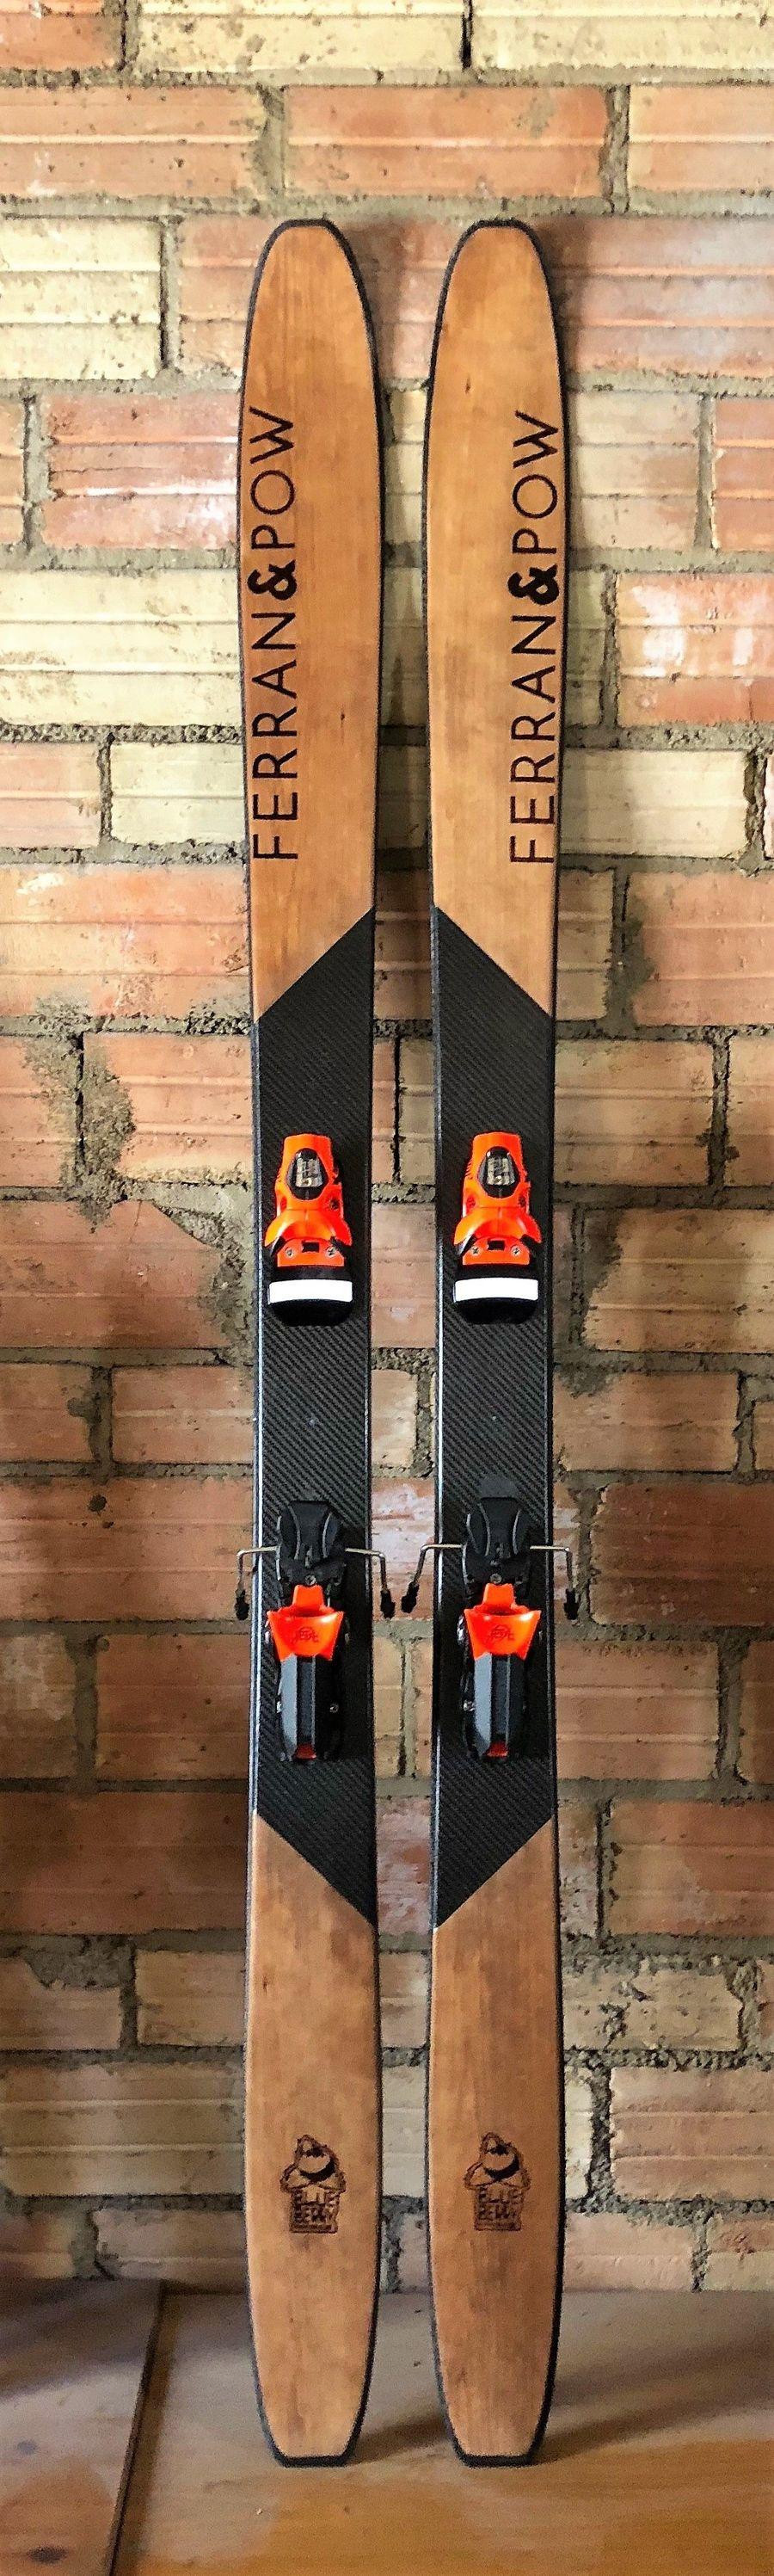 Esquís artesanales